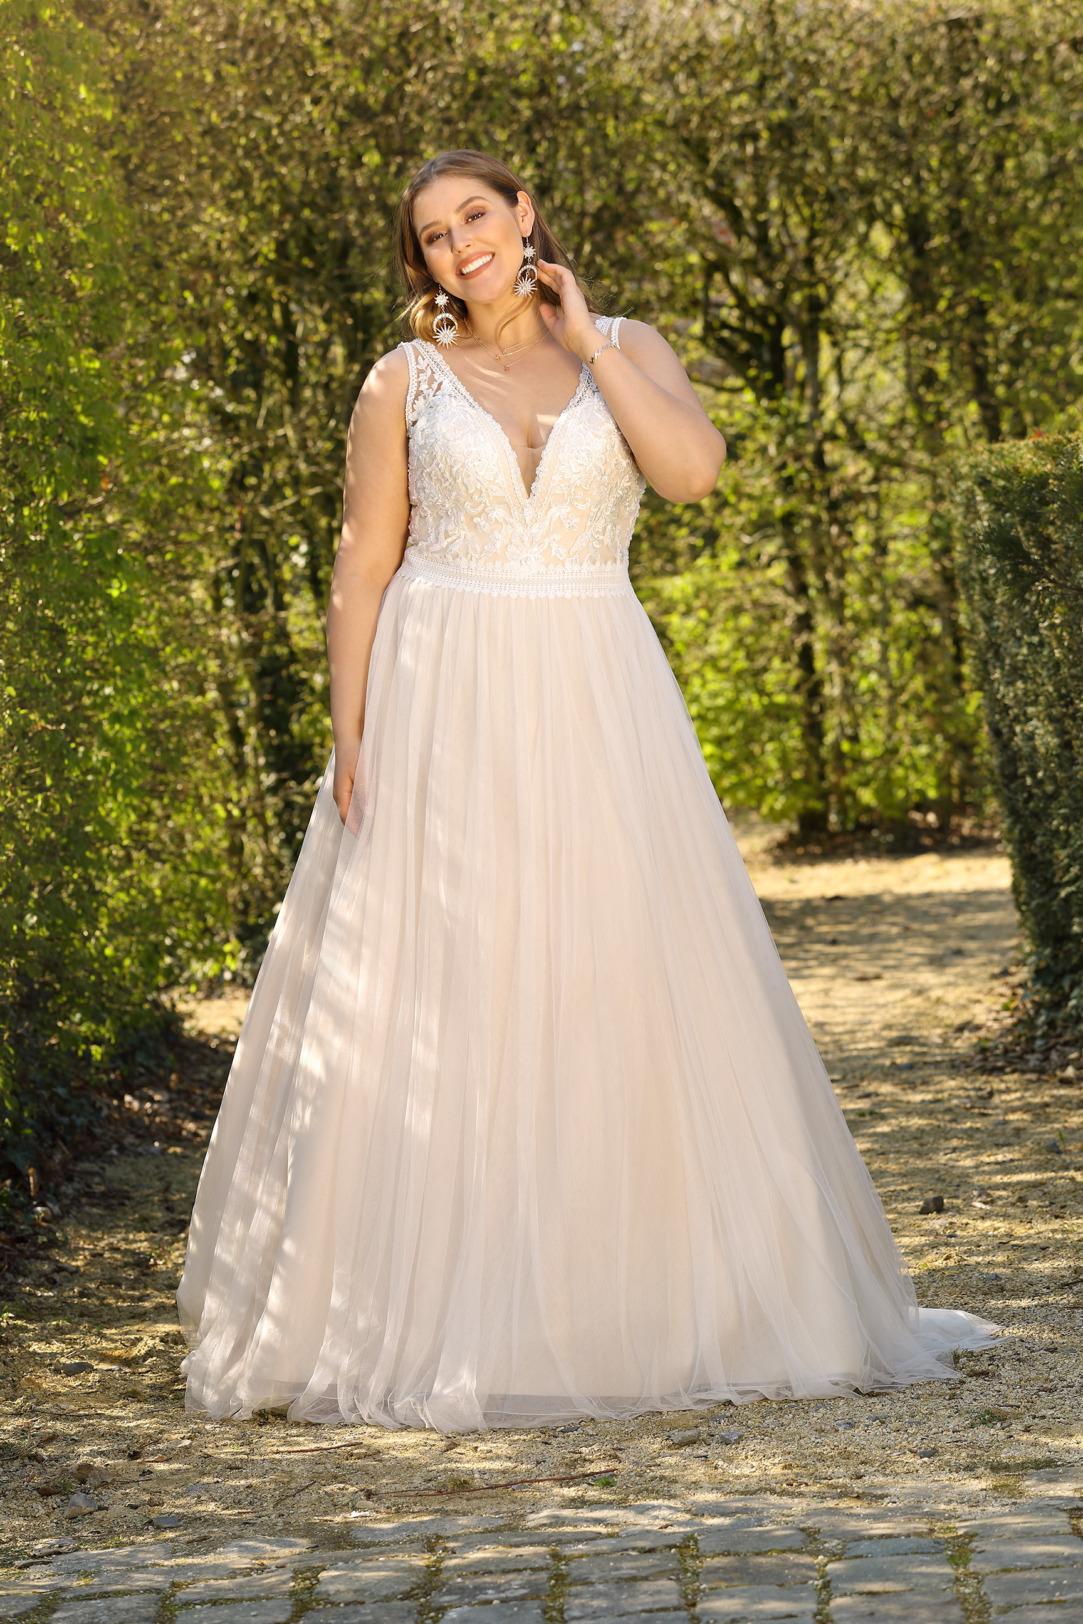 Brautkleider Hochzeitskleider Mode A Linie Ladybird mit V-Ausschnitt Spitze ohne Ärmel grosse Grösse plus size Tüllrock Vintage Look